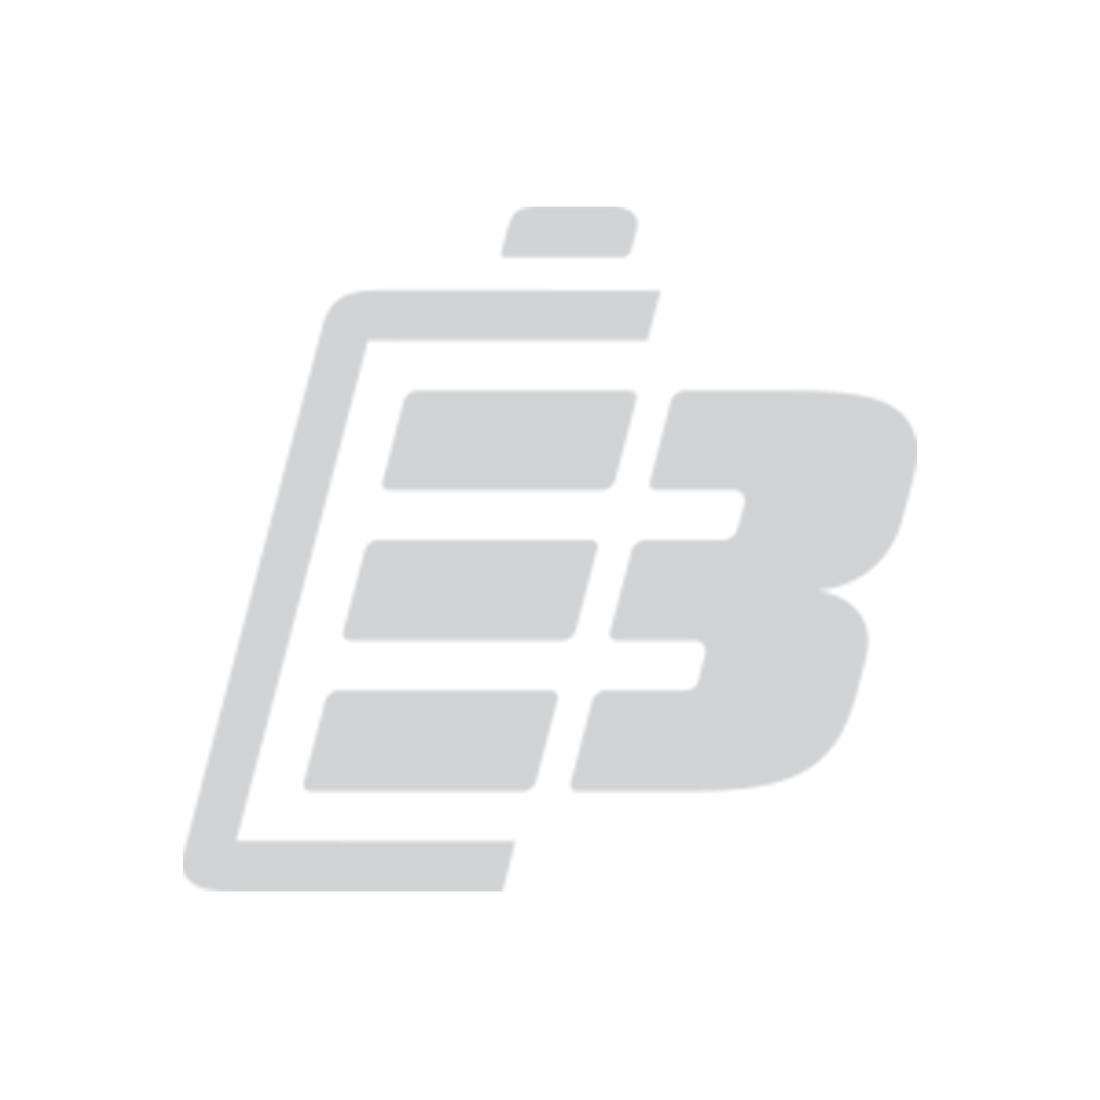 Tablet battery Asus MeMO Pad 7 ME70CX_1